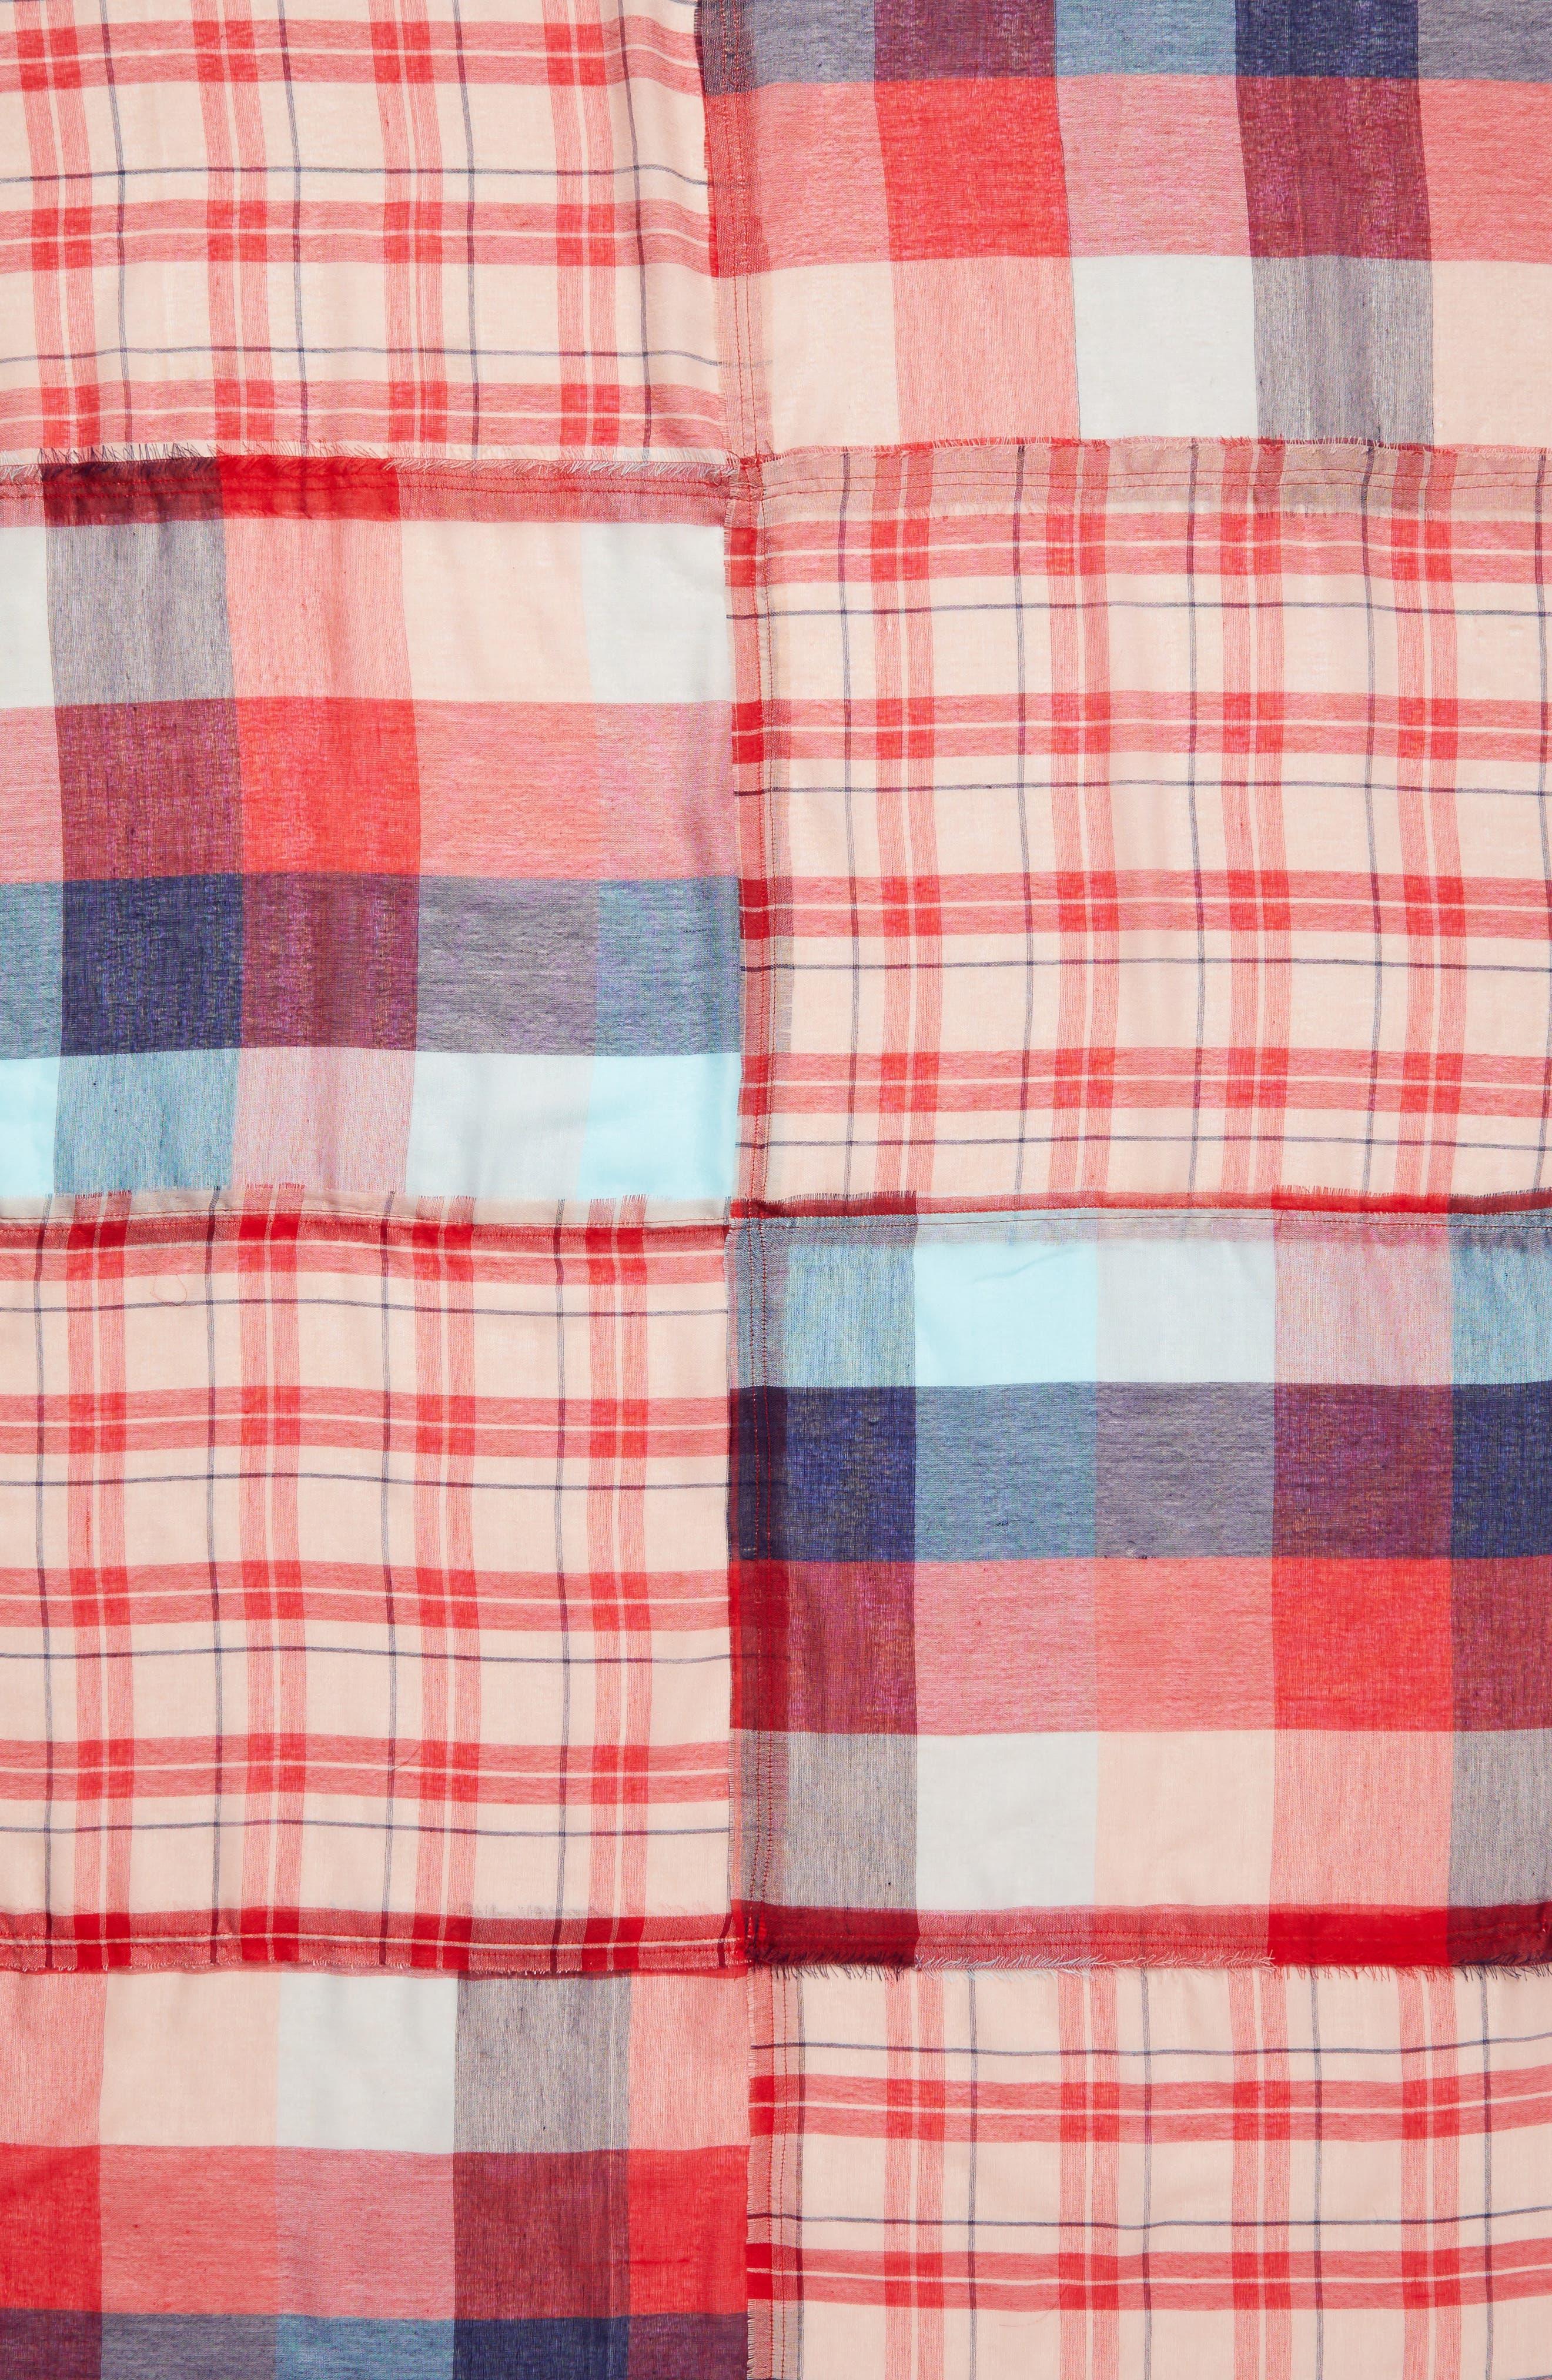 Stitch Patchwork Plaid Scarf,                             Alternate thumbnail 4, color,                             400